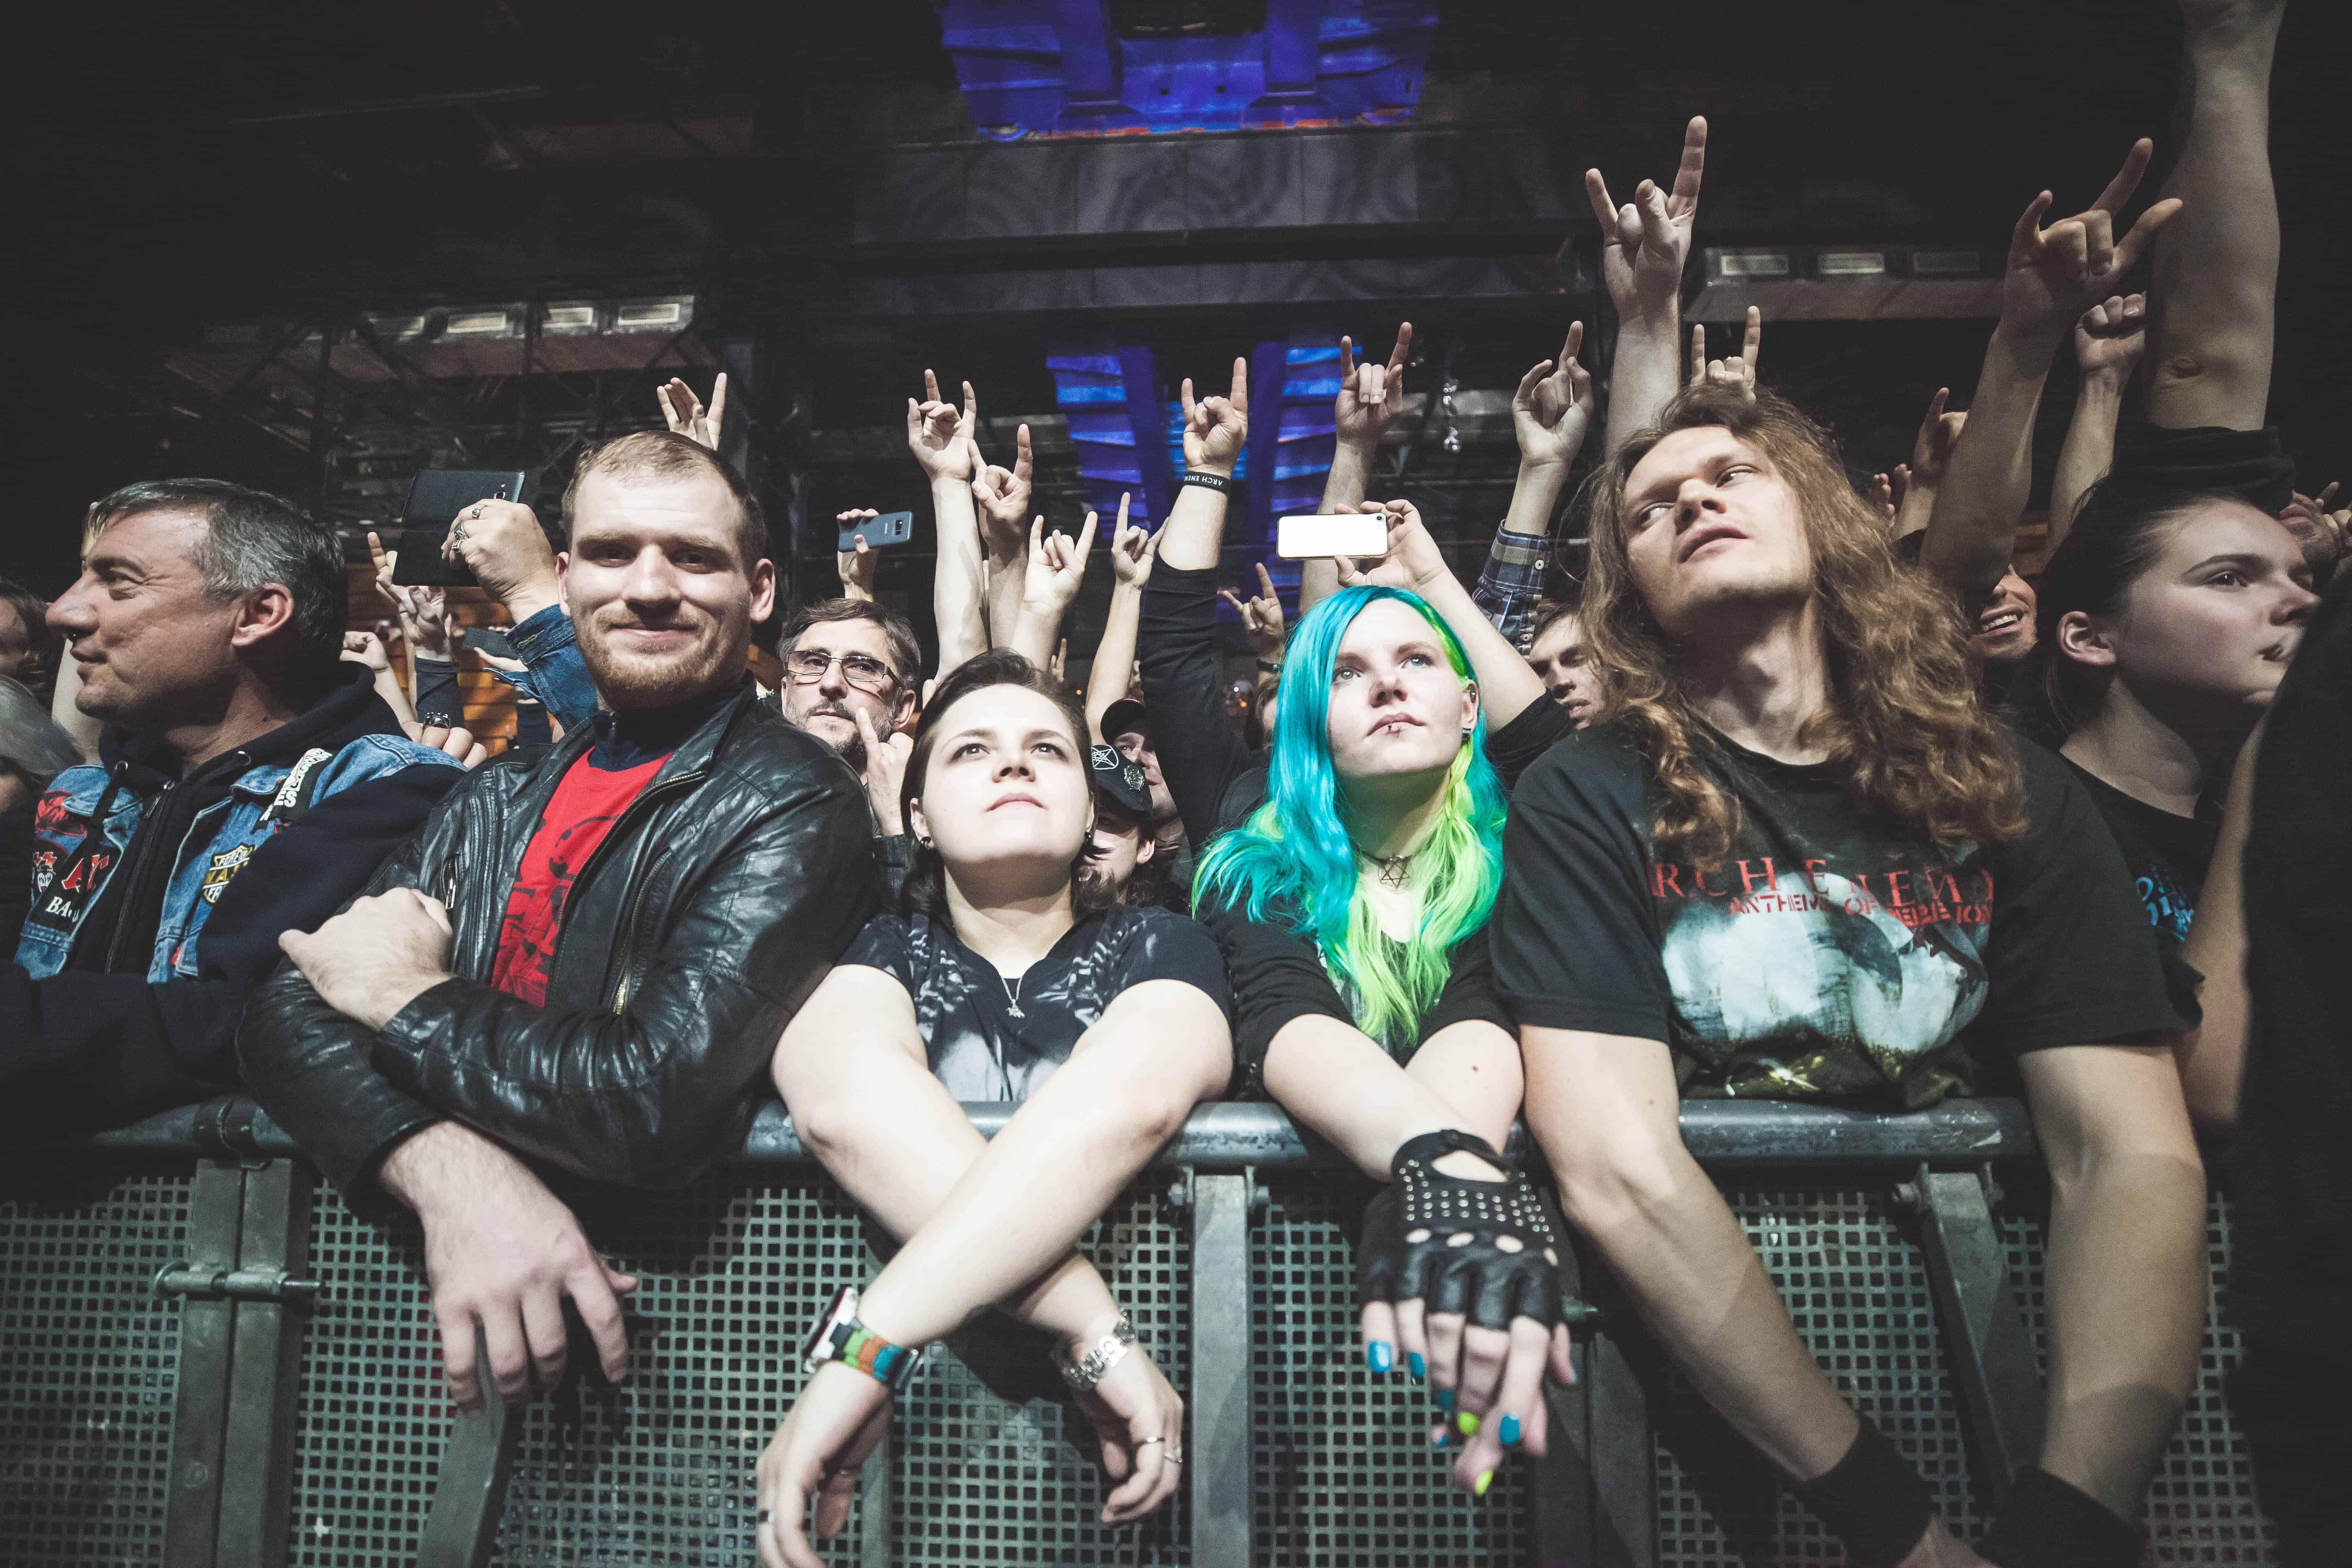 Концерт Arch Enemy в ГЛАВCLUB GREEN CONCERT Концерт Arch Enemy в ГЛАВCLUB GREEN CONCERT IMG 6714